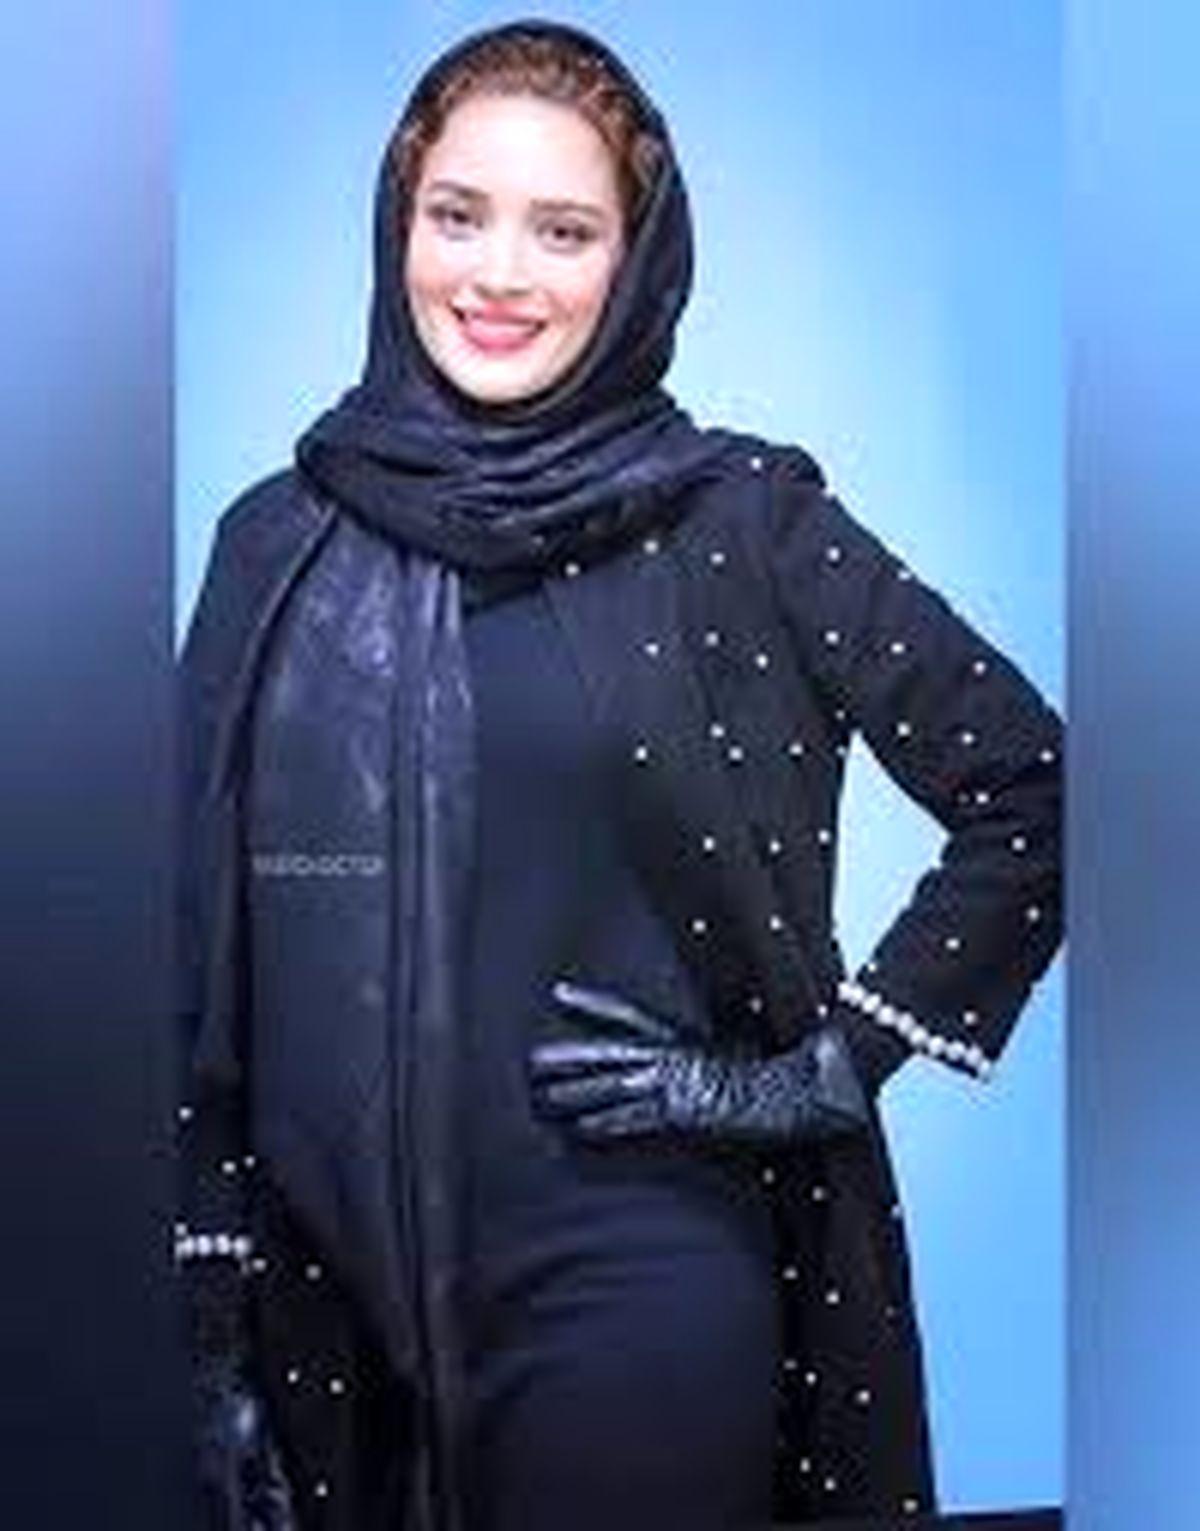 هدیه لاکچری بهنوش طباطبایی در ولنتاین بعد از طلاق مهدی پاکدل + عکس